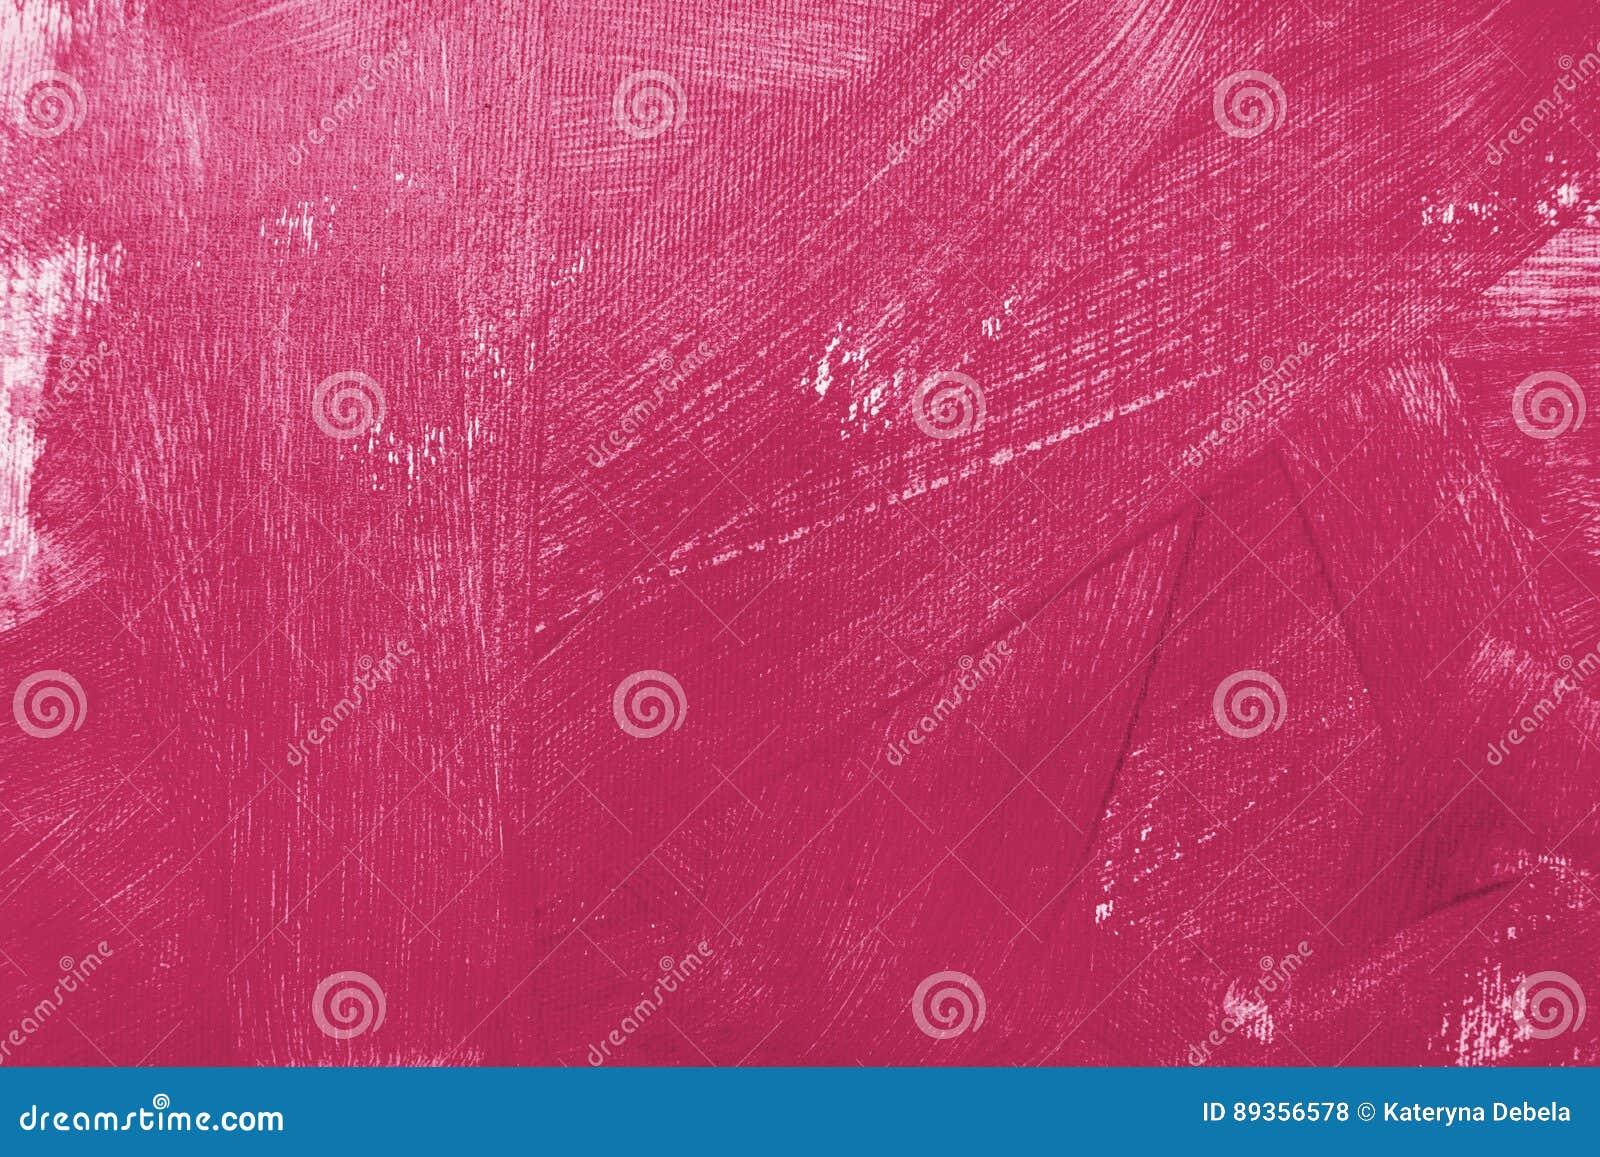 Texturera olje- målning, blommor, konst, den målade färgbilden, målarfärg, tapeten och bakgrunder, kanfas, konstnären, impression